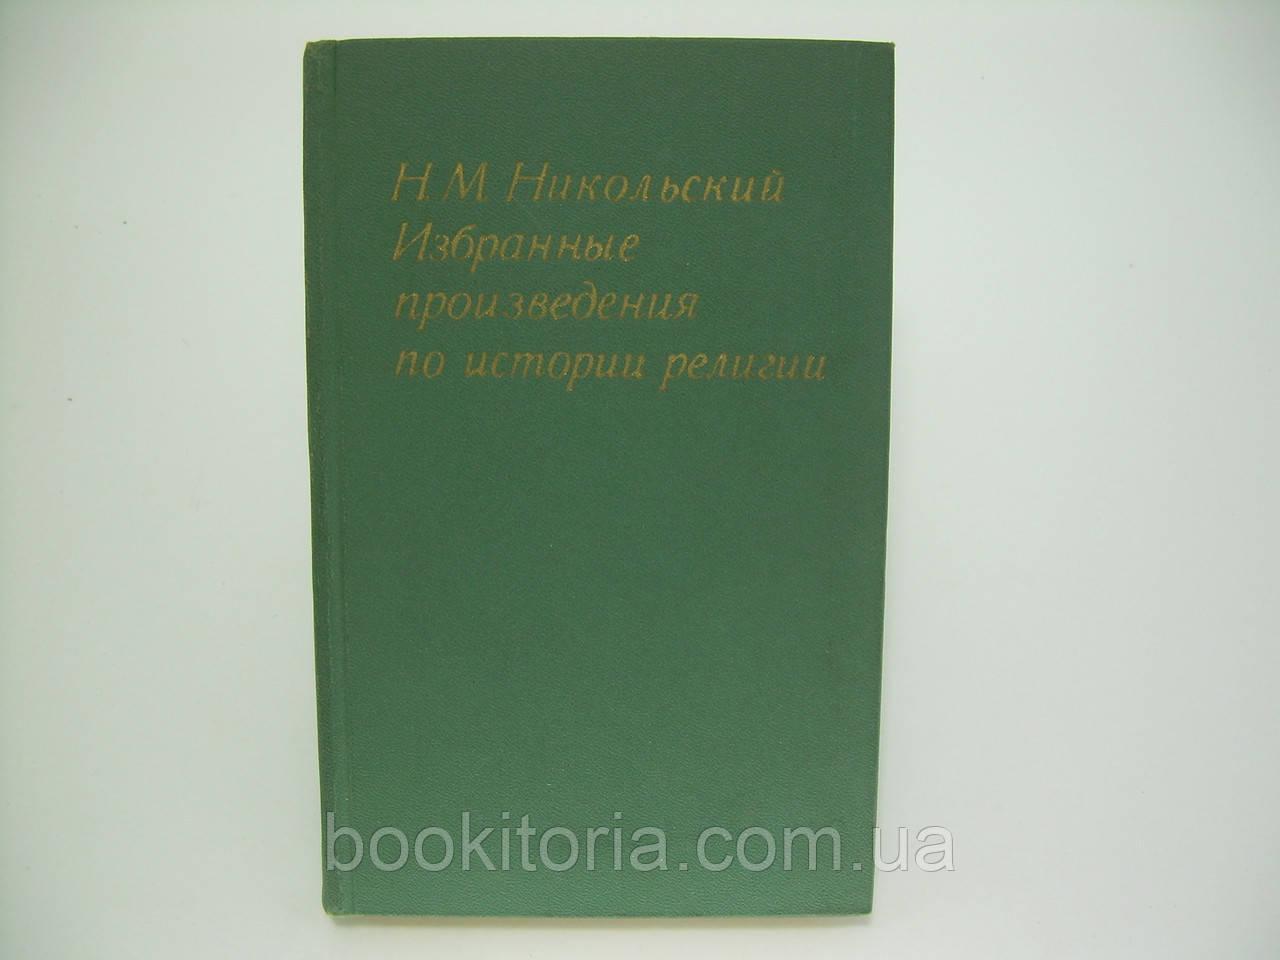 Никольский Н.М. Избранные произведения по истории религии (б/у).